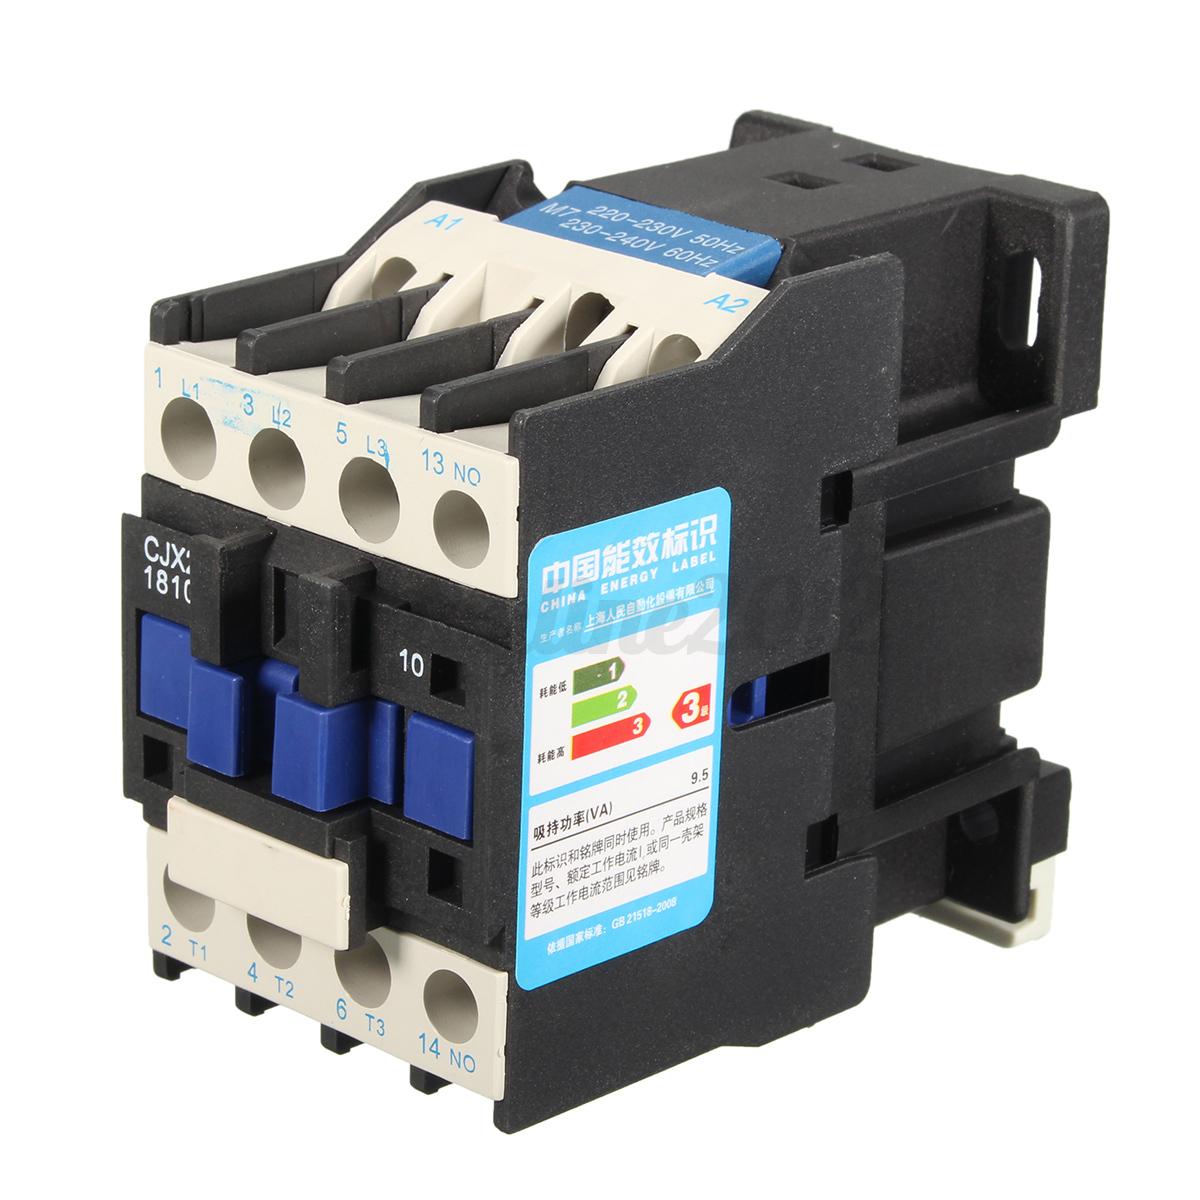 Ac 220v coil 32a 3 phase 1no 50 60hz motor starter relay for 3 phase motor starter